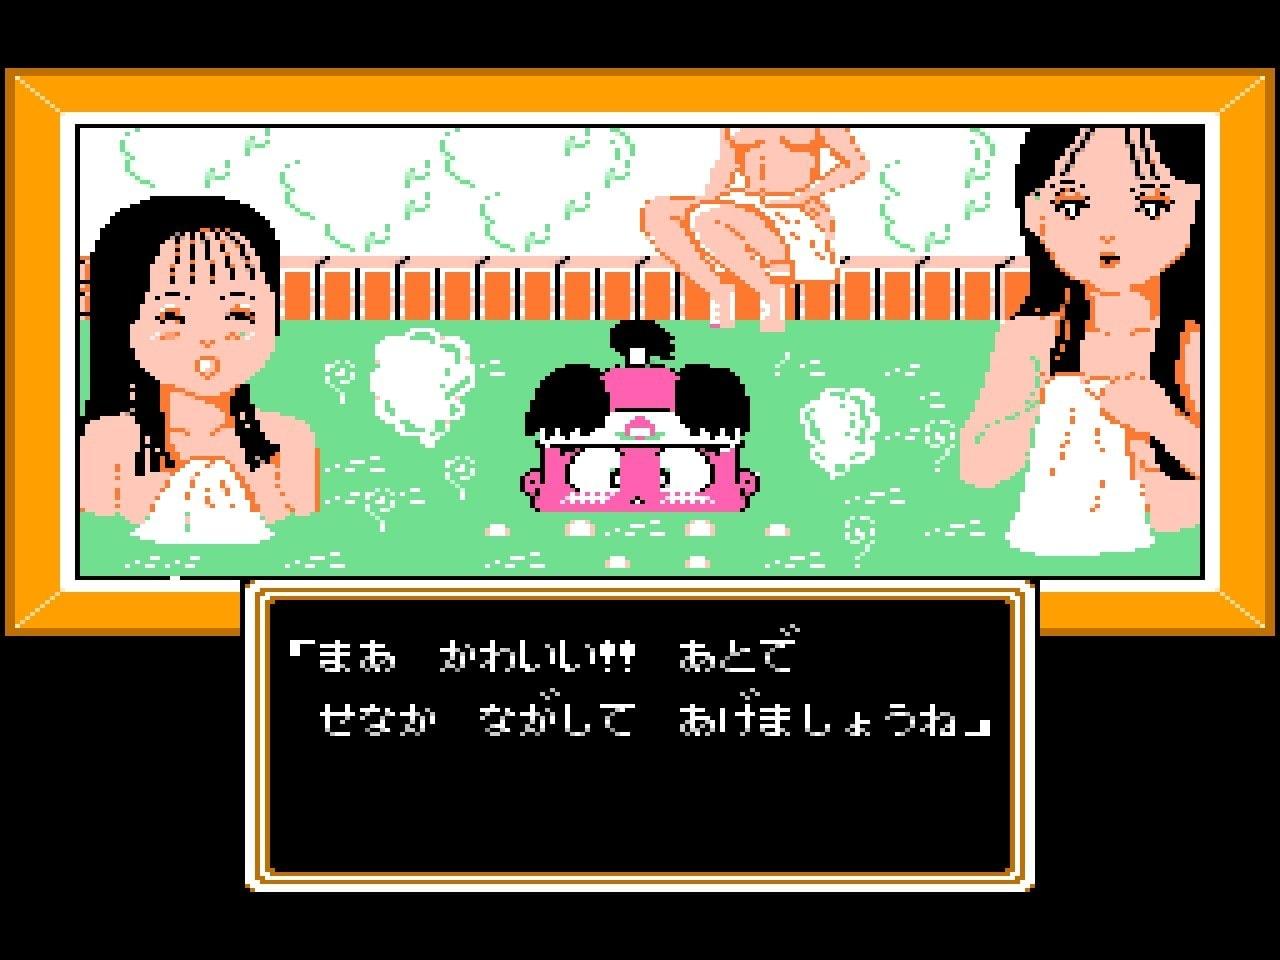 """「鬼狩り」の元祖と言えば…!? まさに""""伝説""""のファミコンRPG『桃太郎伝説』が発売33周年の画像008"""